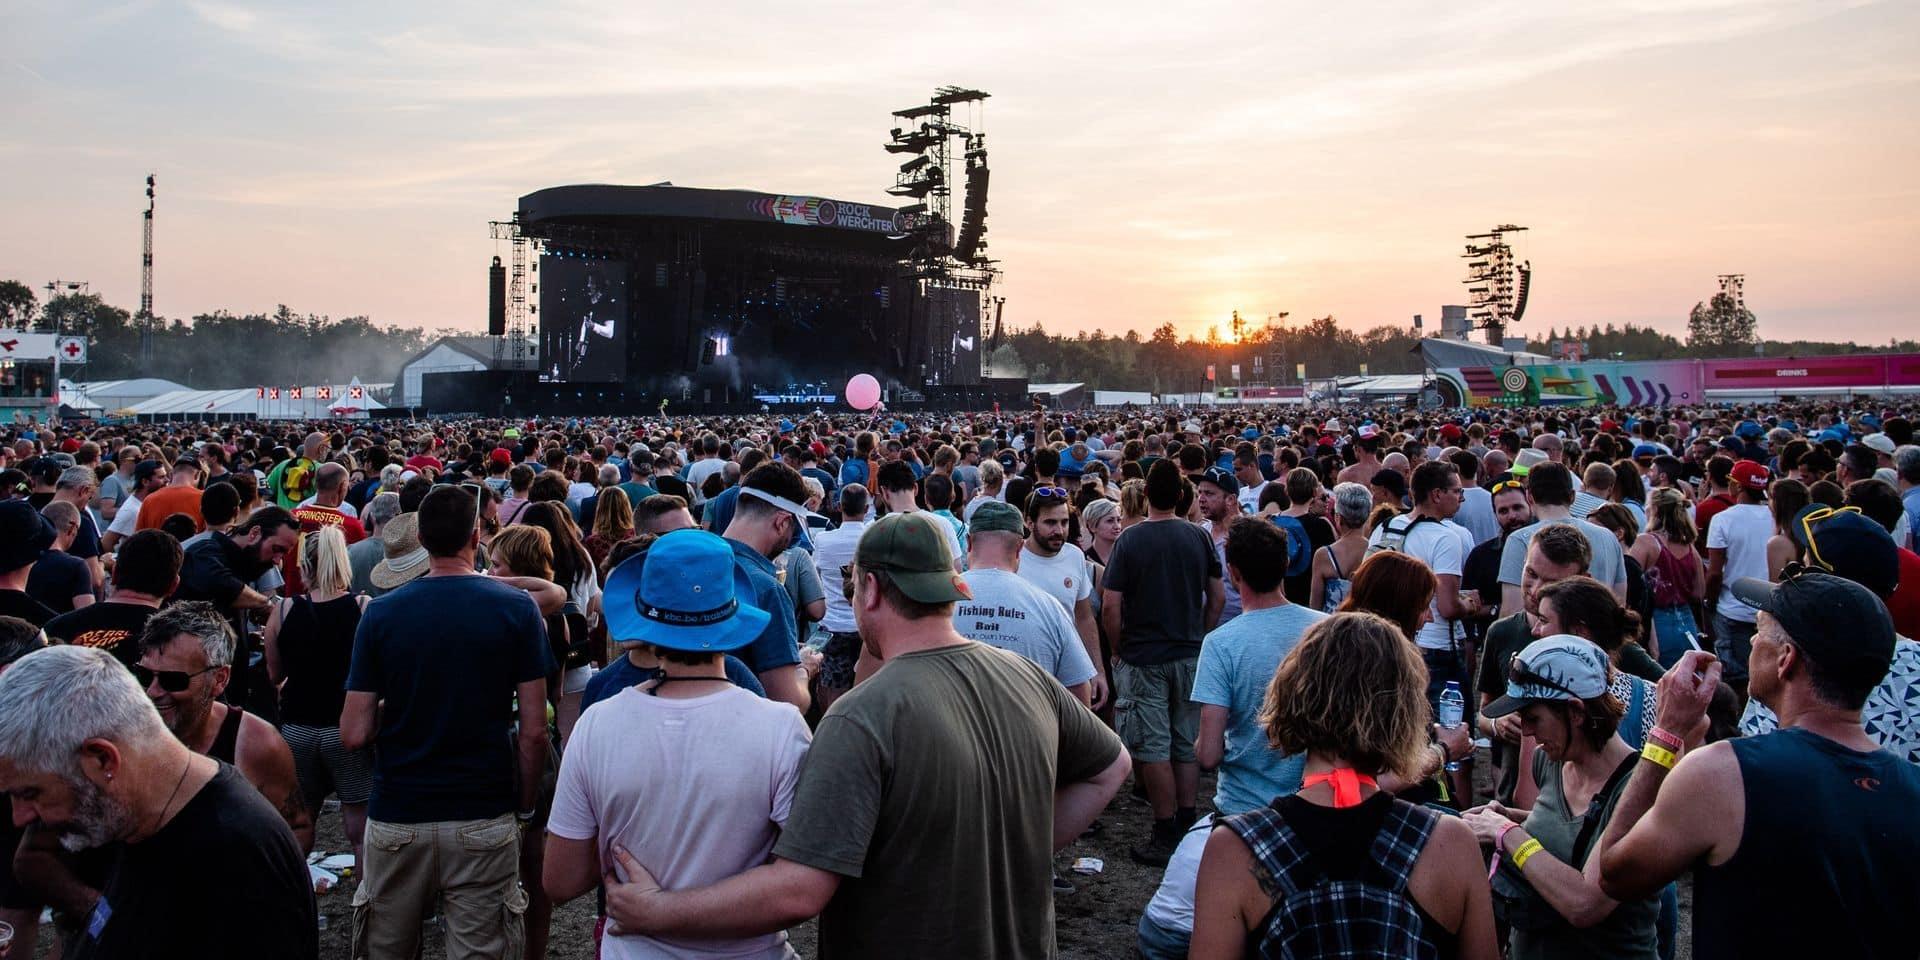 Les festivals sont officiellement annulés jusqu'au 31 août